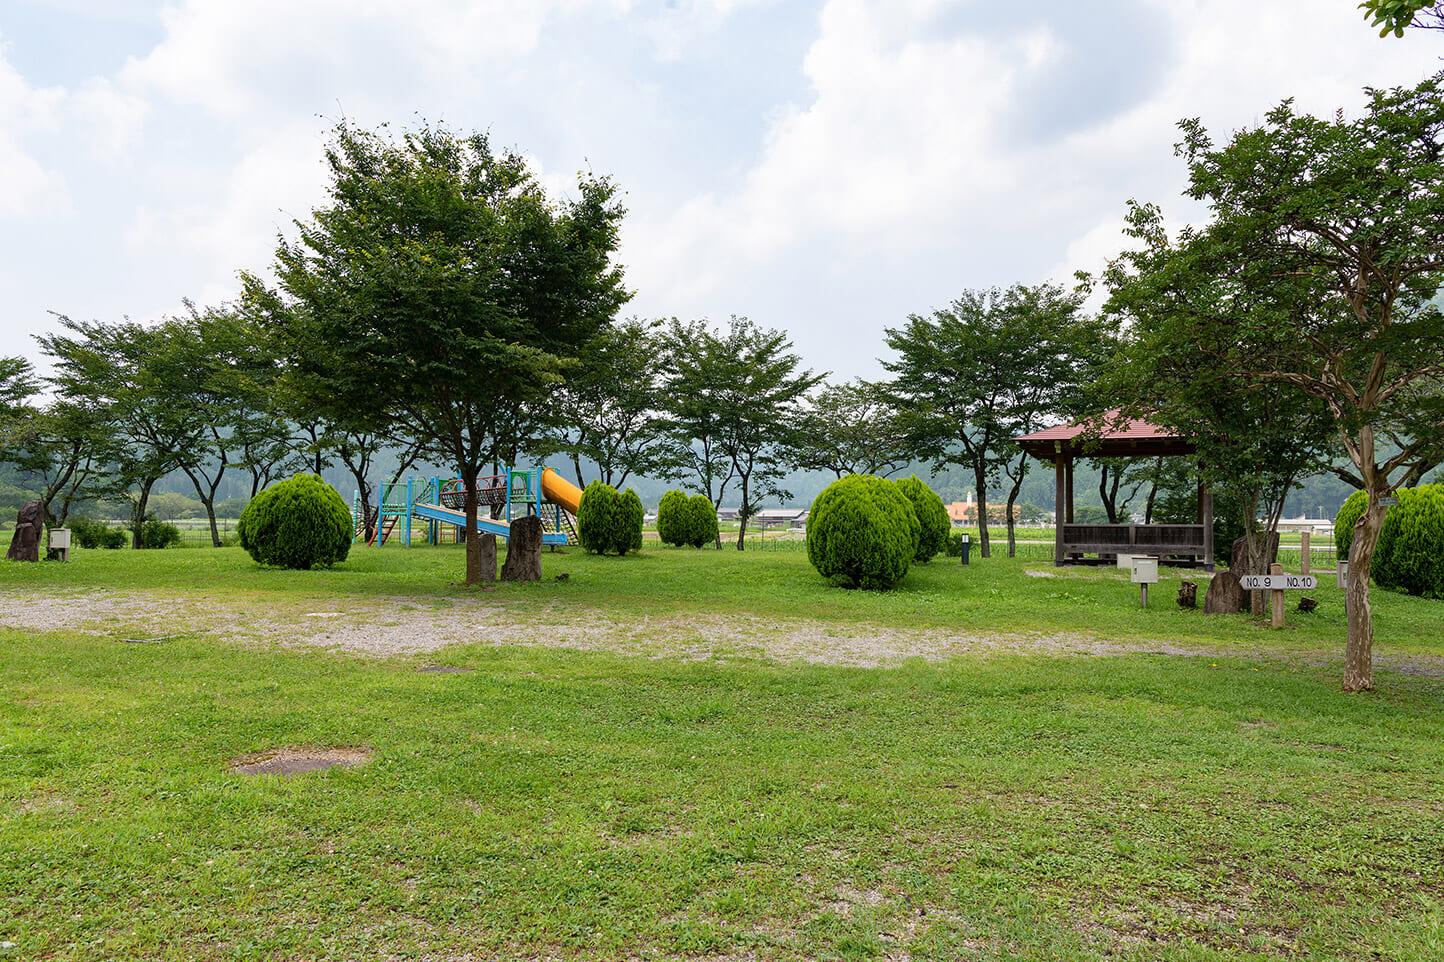 和良川公園オートキャンプ場 スライダー画像3